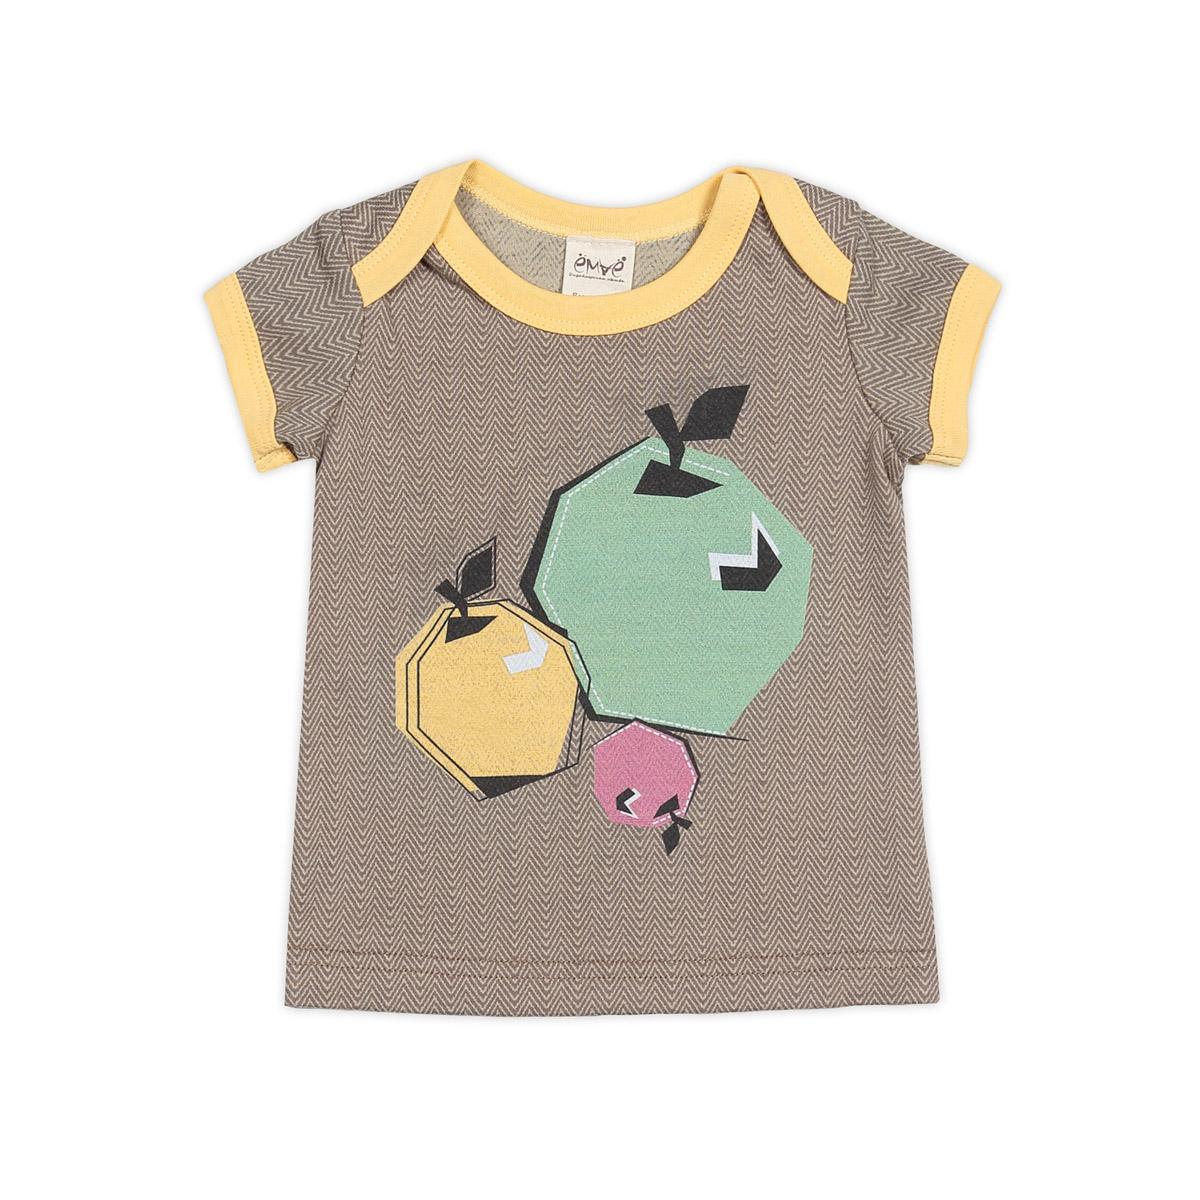 Футболка Ёмаё Кони в яблоках (27-216) рост 80 набивка с желтым<br>